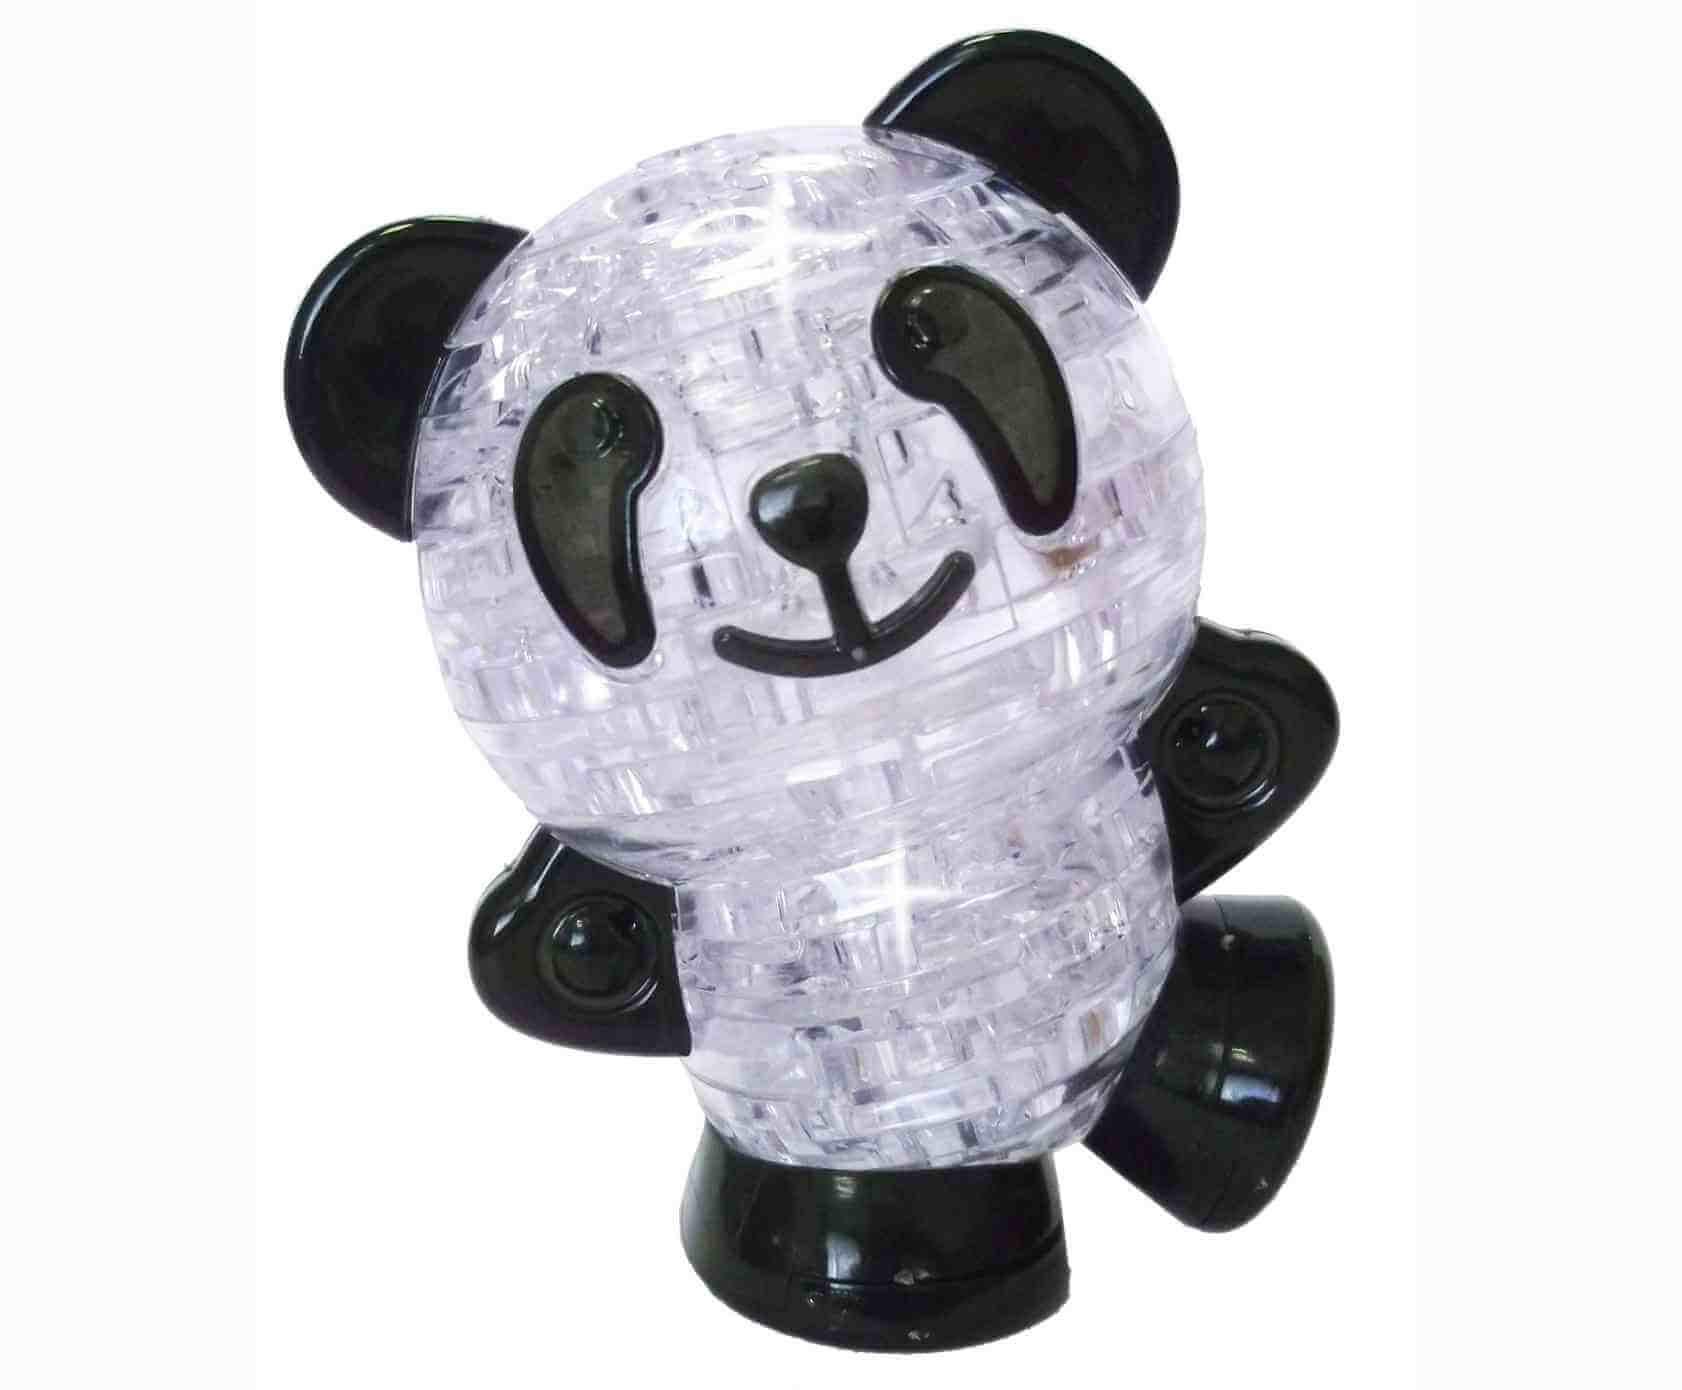 собранная модель панды